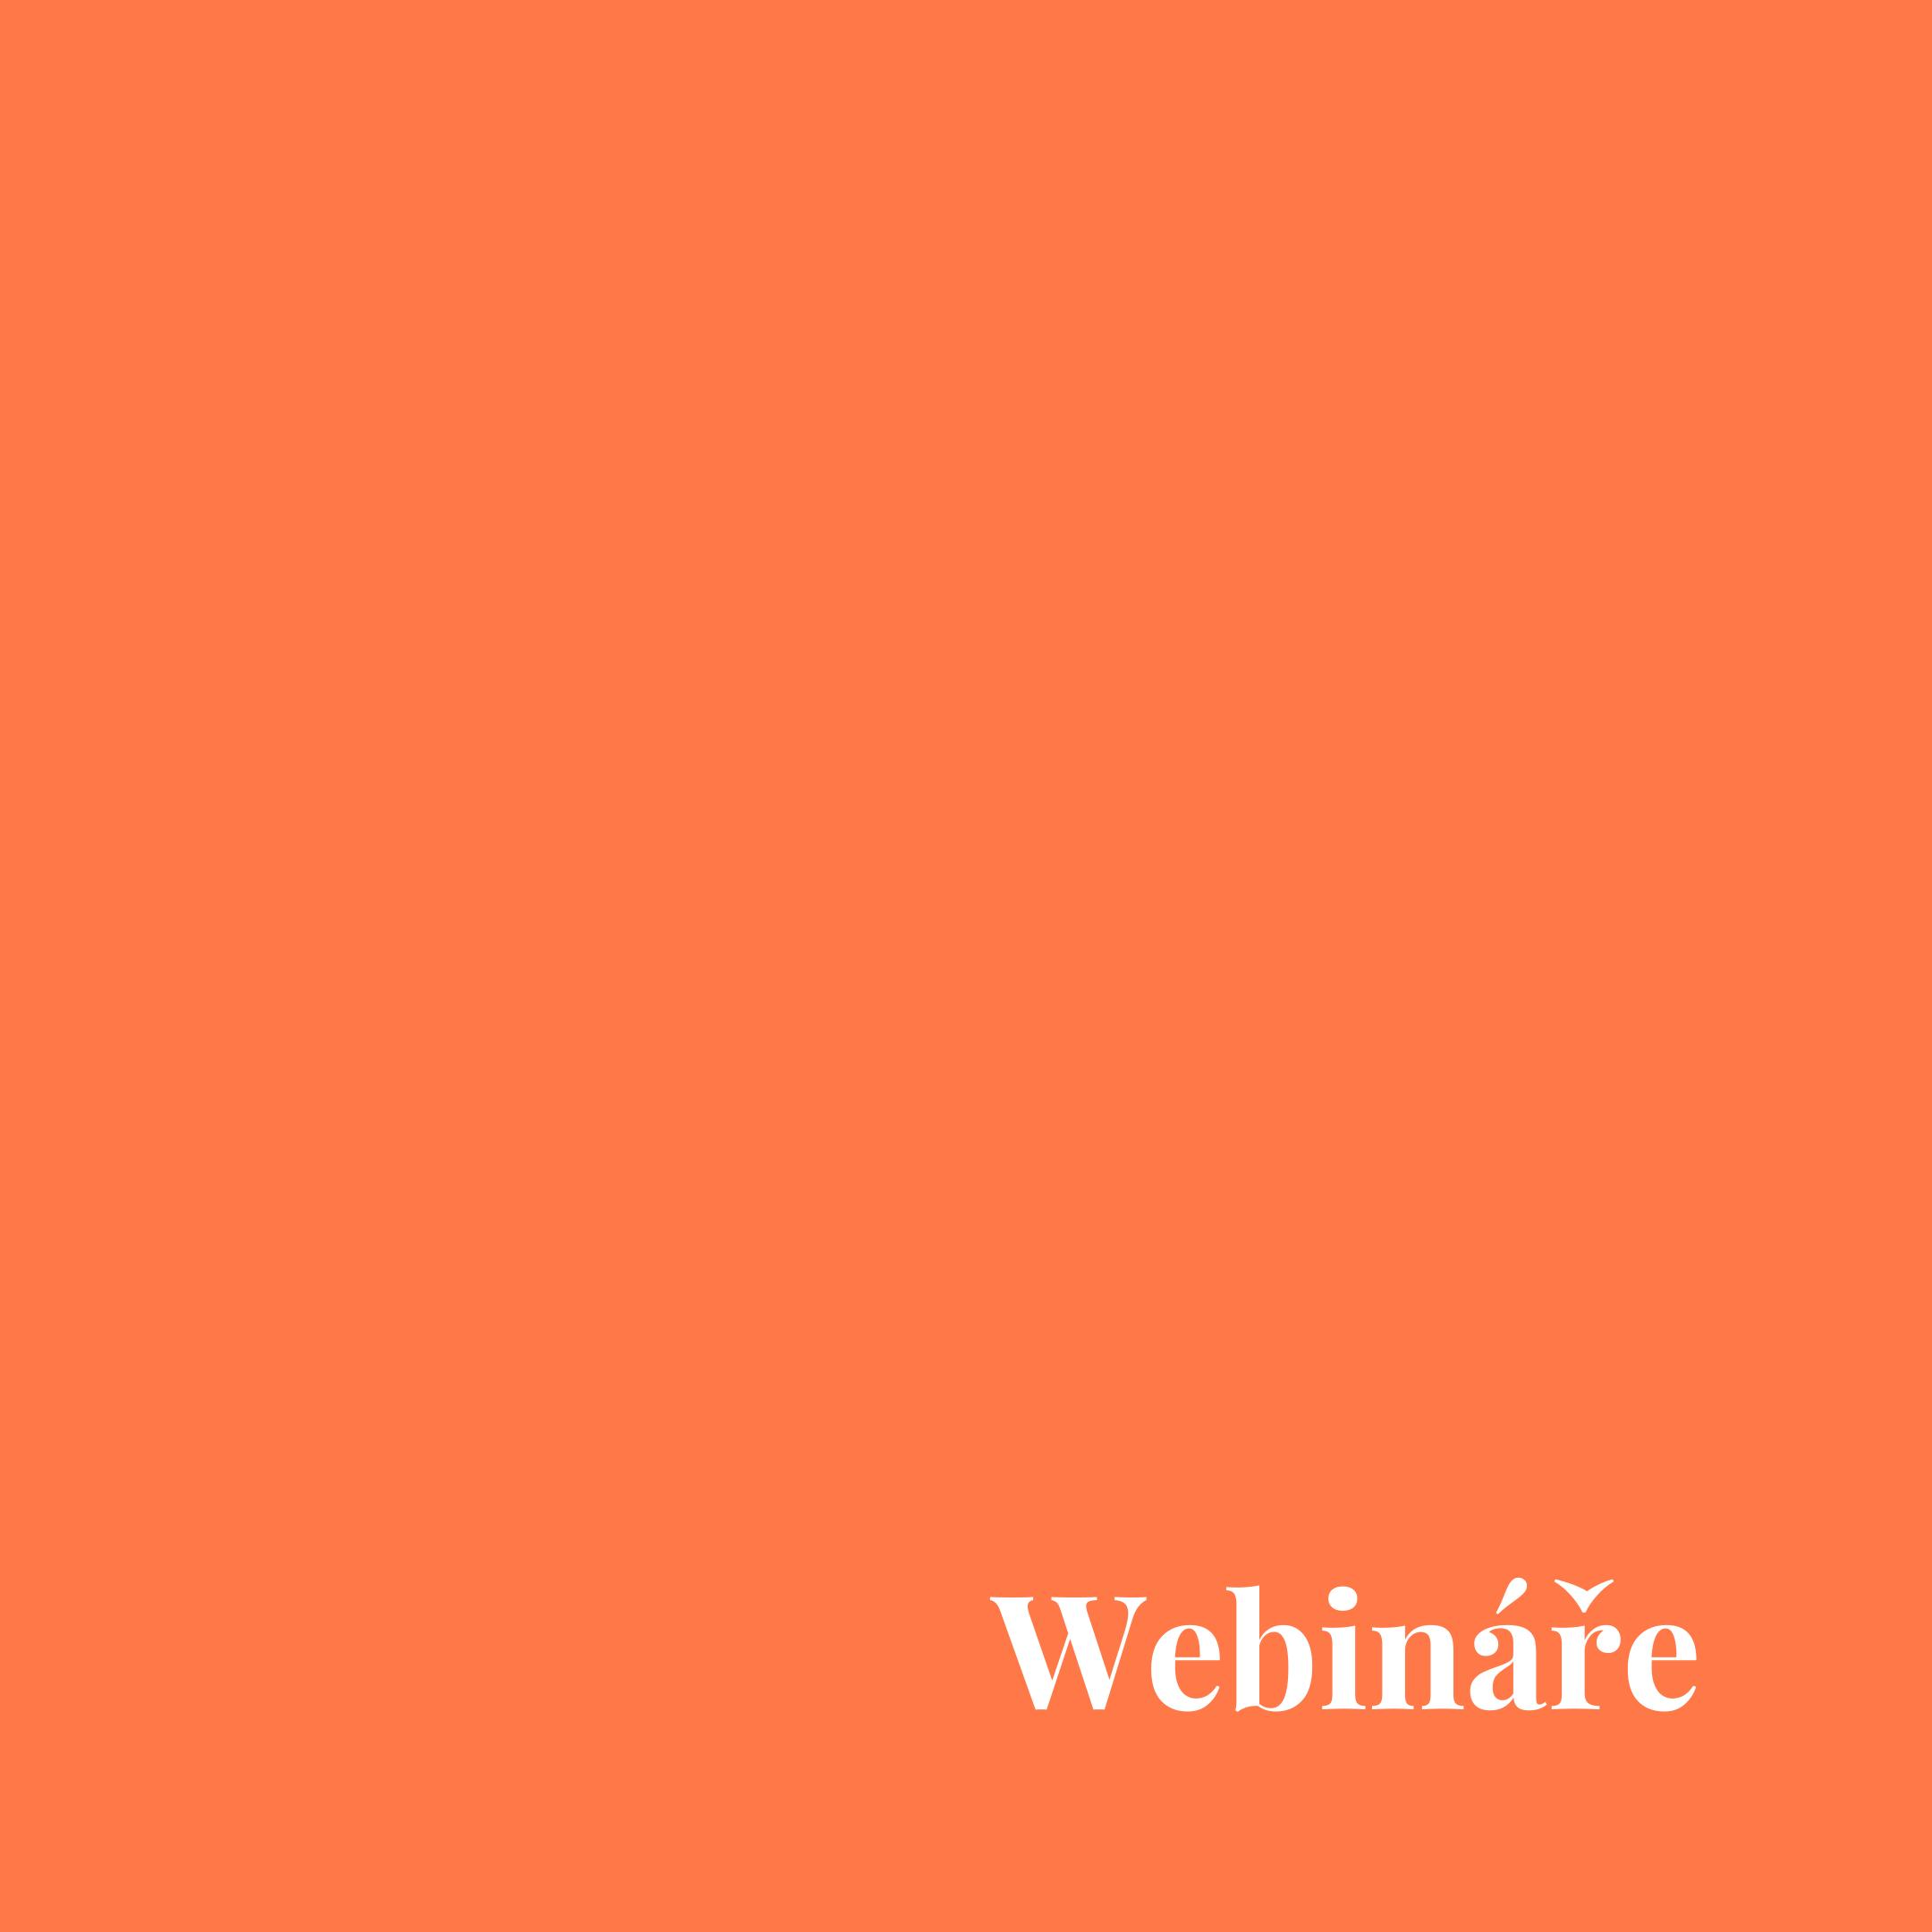 Webináře